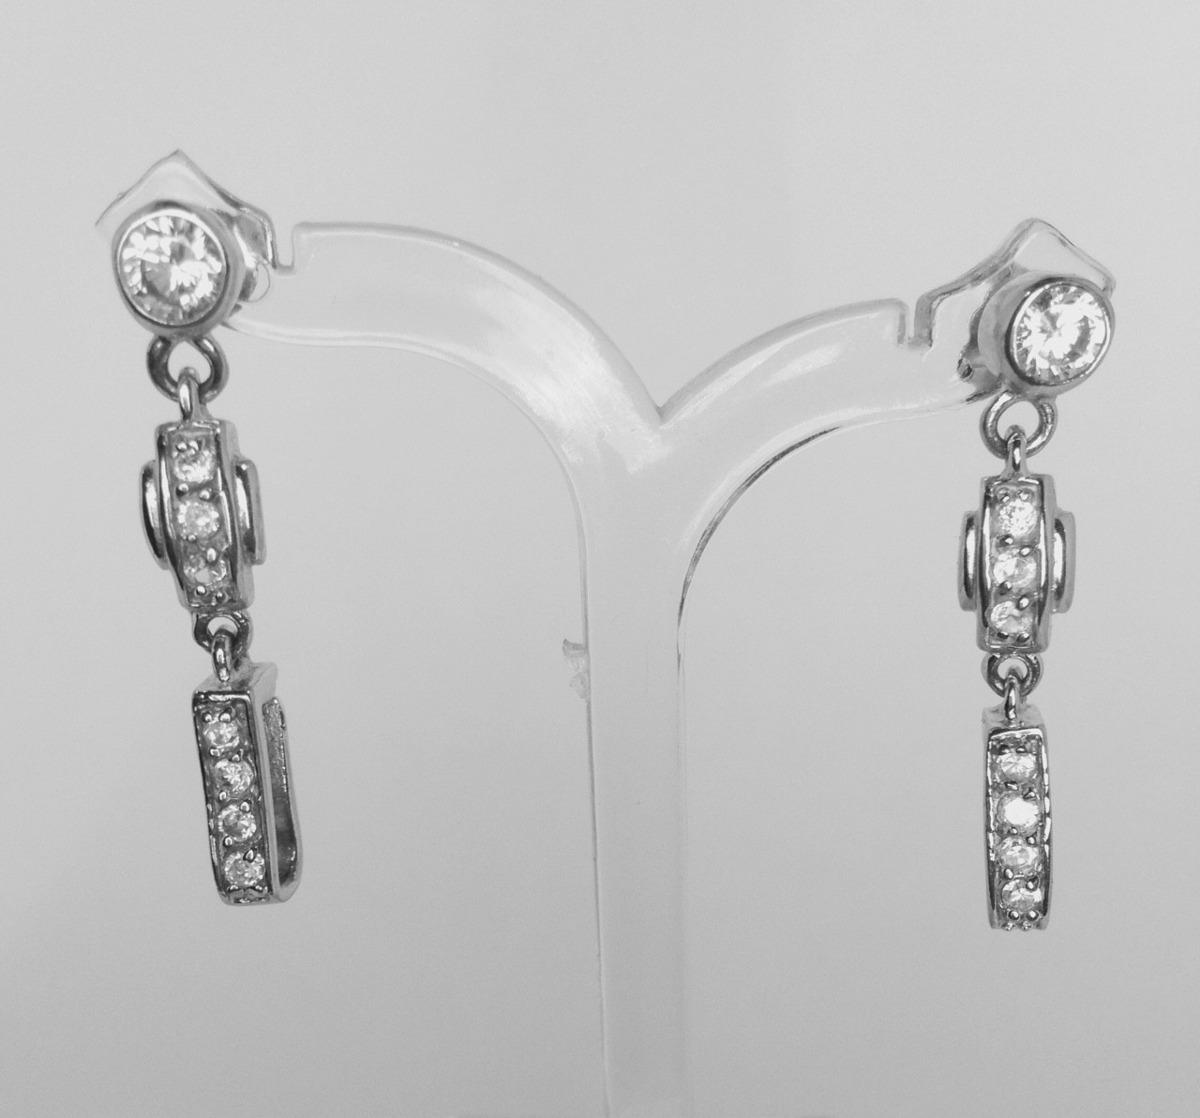 0a06df9cfd0e aros colgantes plata 925 con circones local barrio belgrano. Cargando zoom.